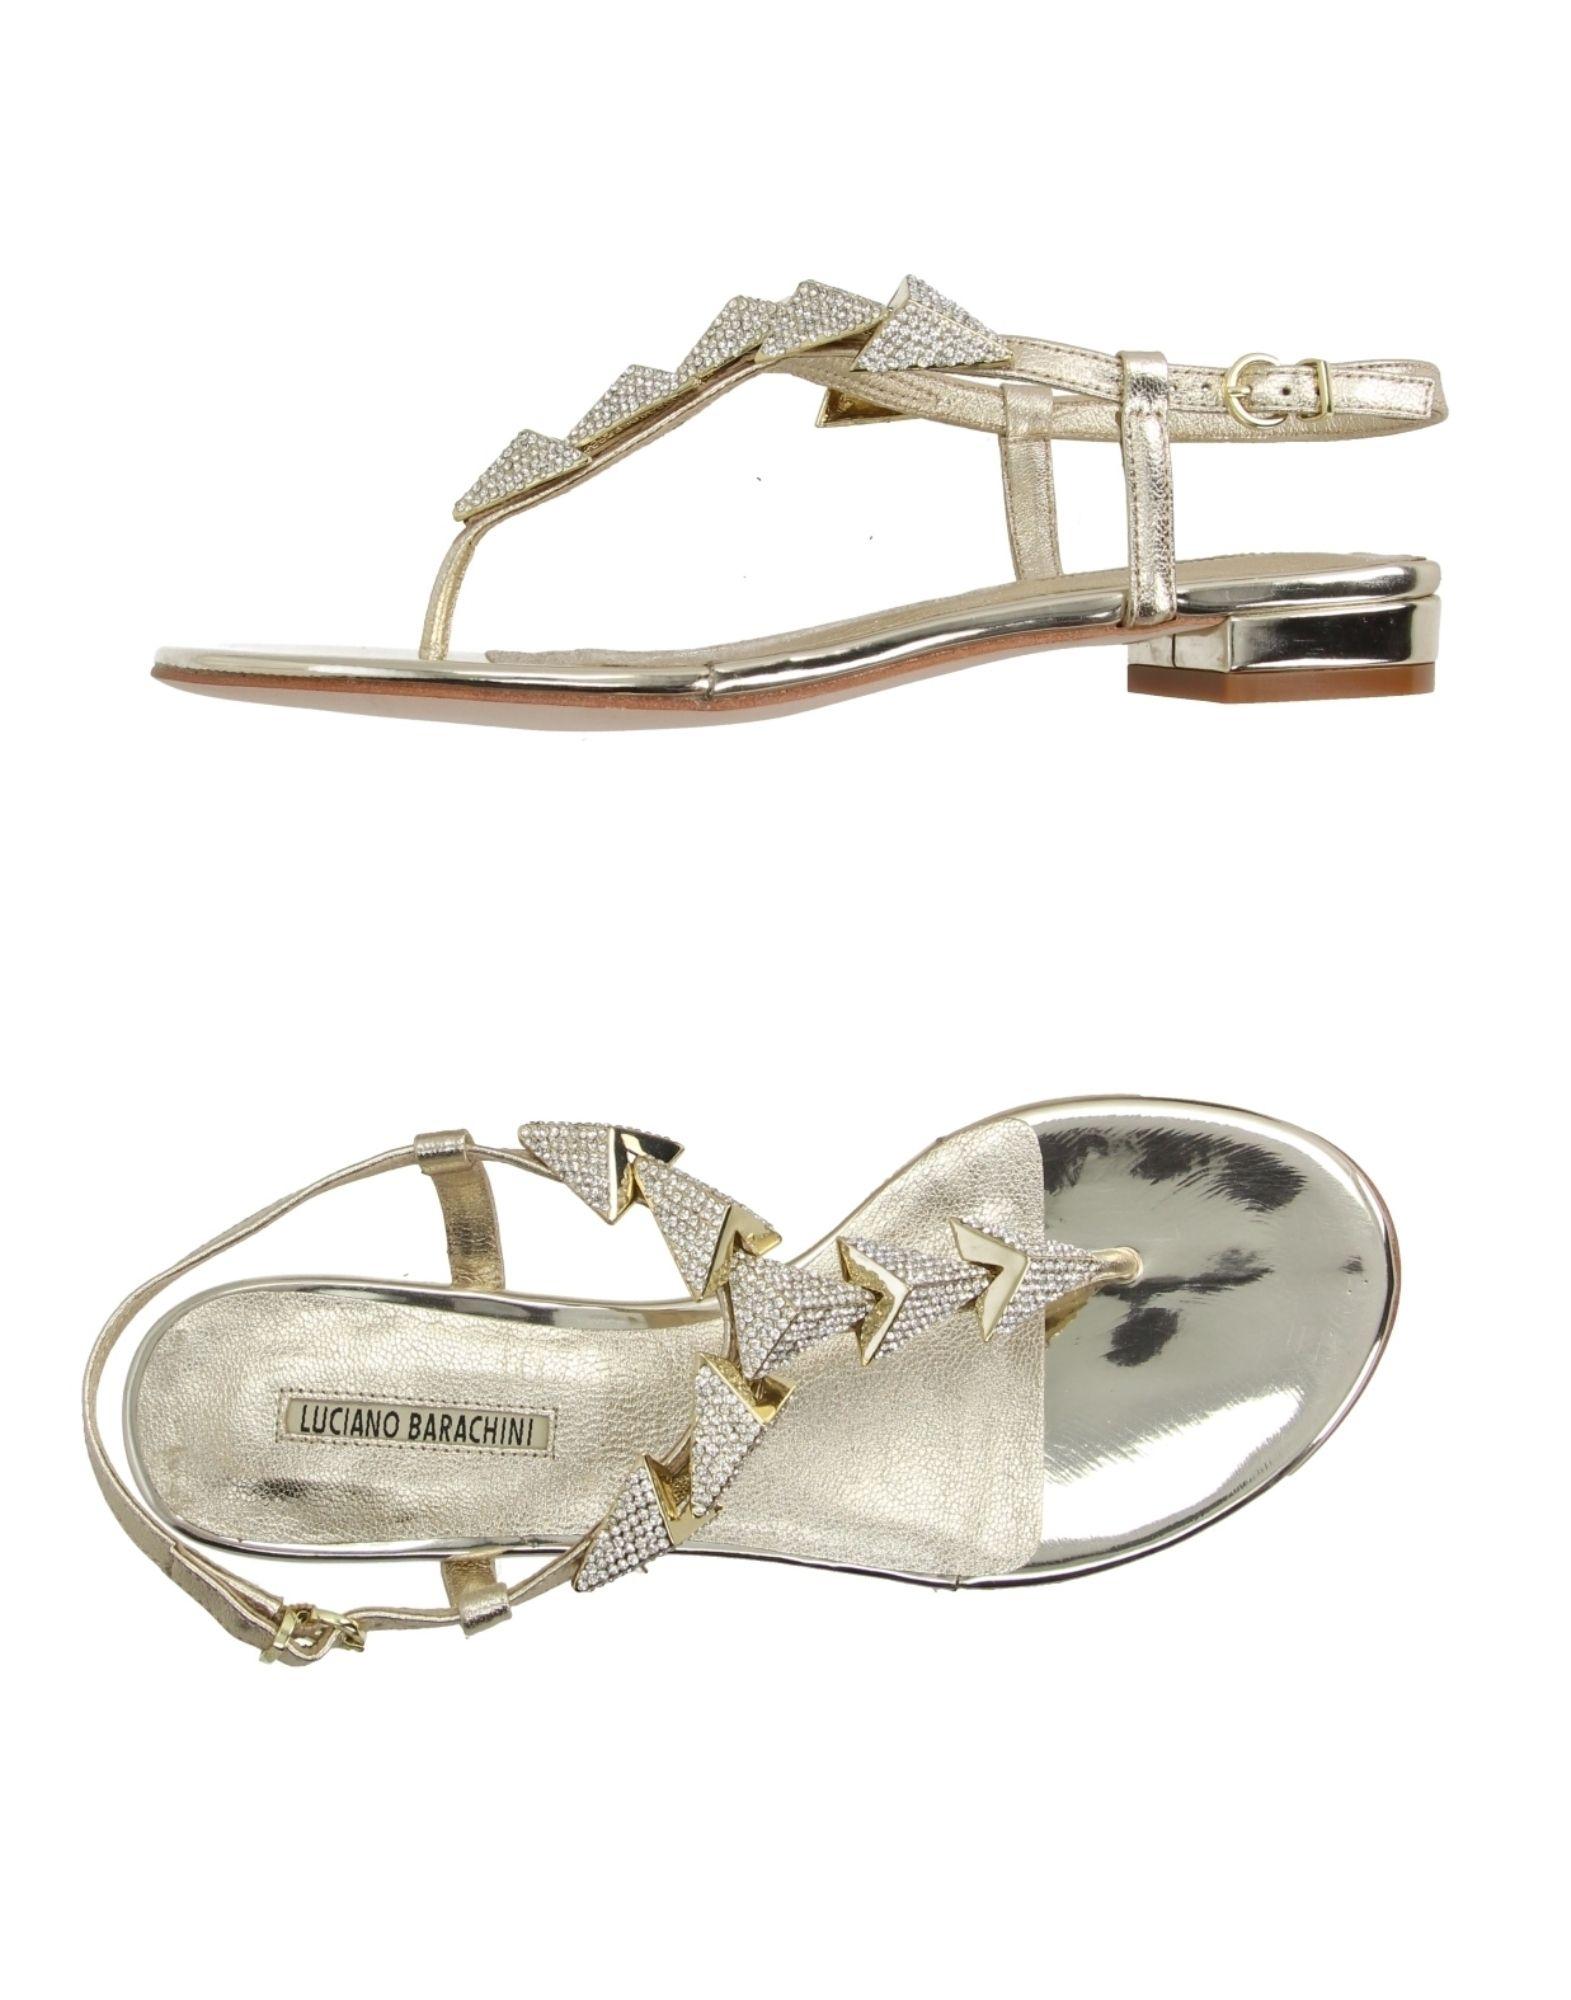 Luciano Barachini Dianetten Damen  11198703BW Gute Qualität beliebte Schuhe